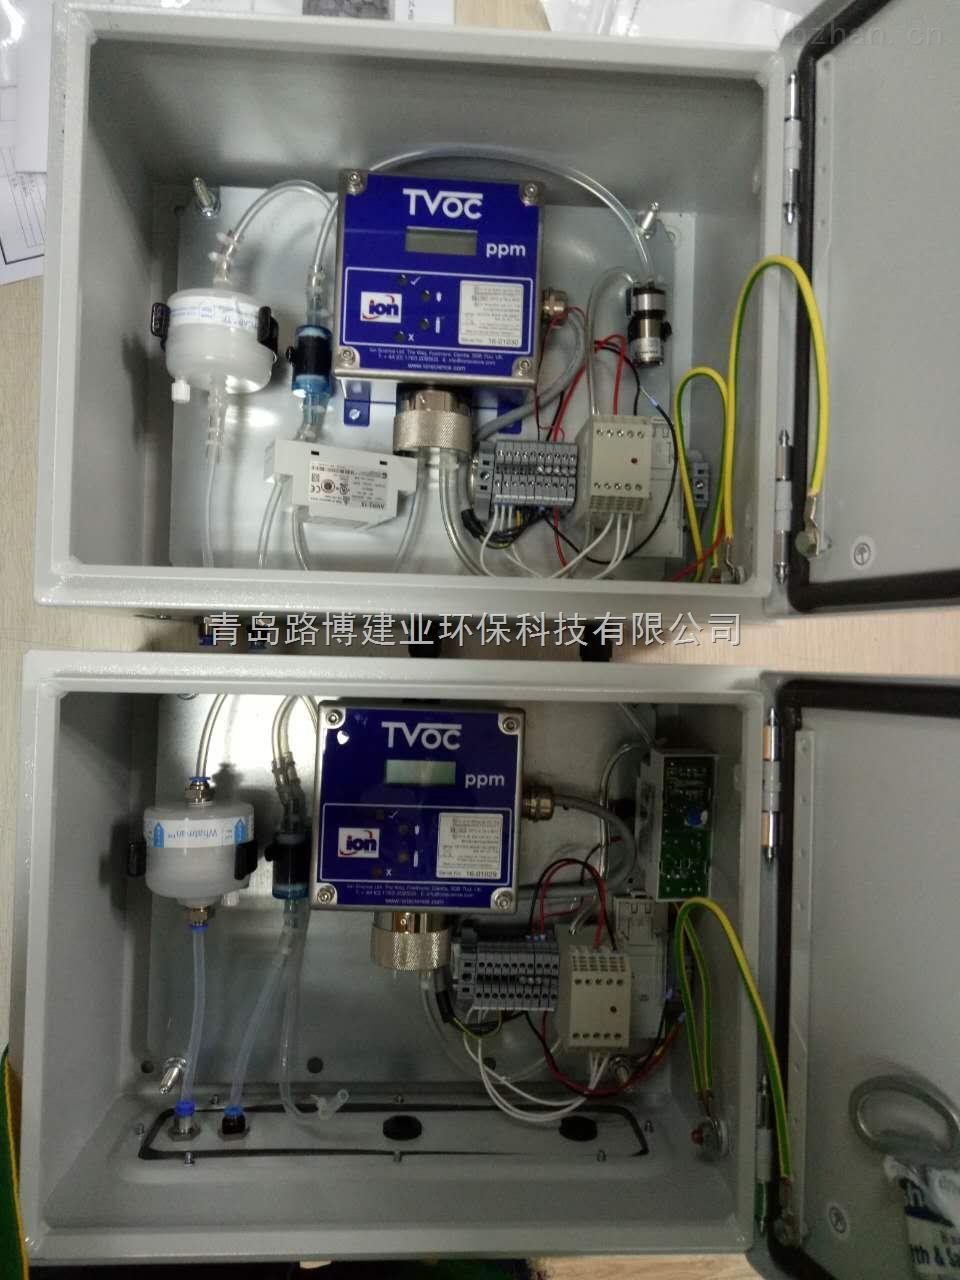 环境的在线式Tvoc检测设备选英国离子专业高精度检测